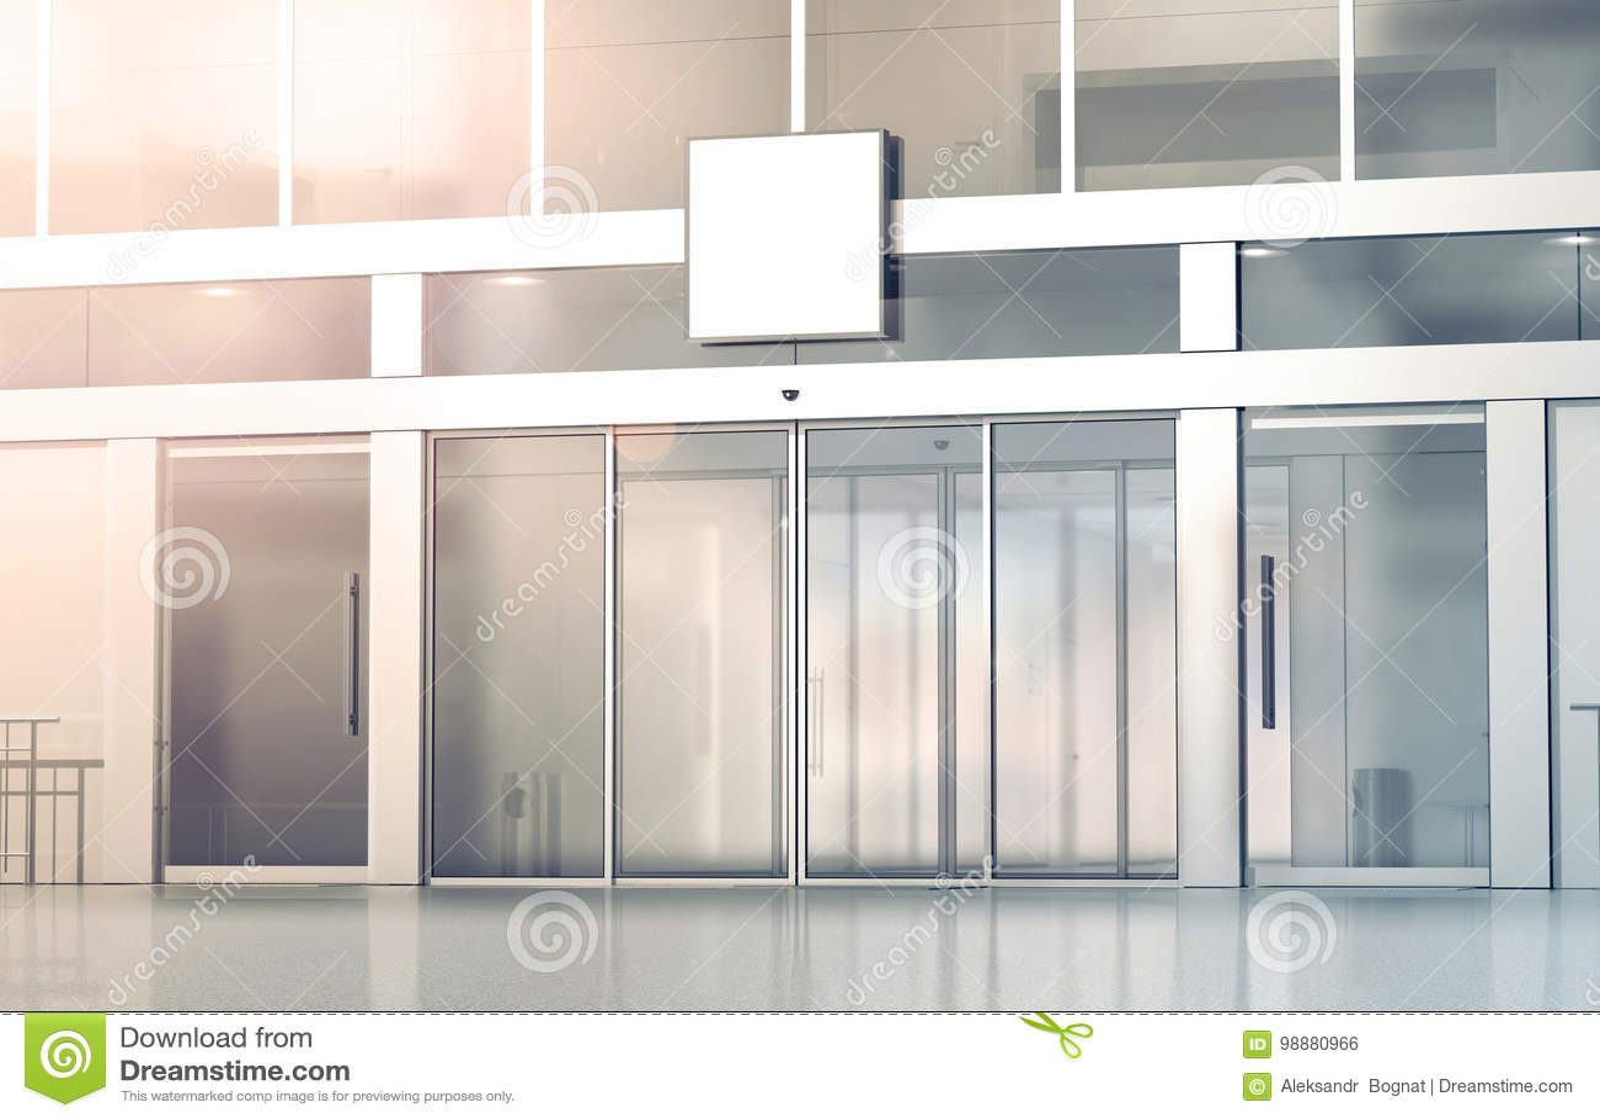 Maquette vide de signage de place blanche sur les portes coulissantes en verre de magasin